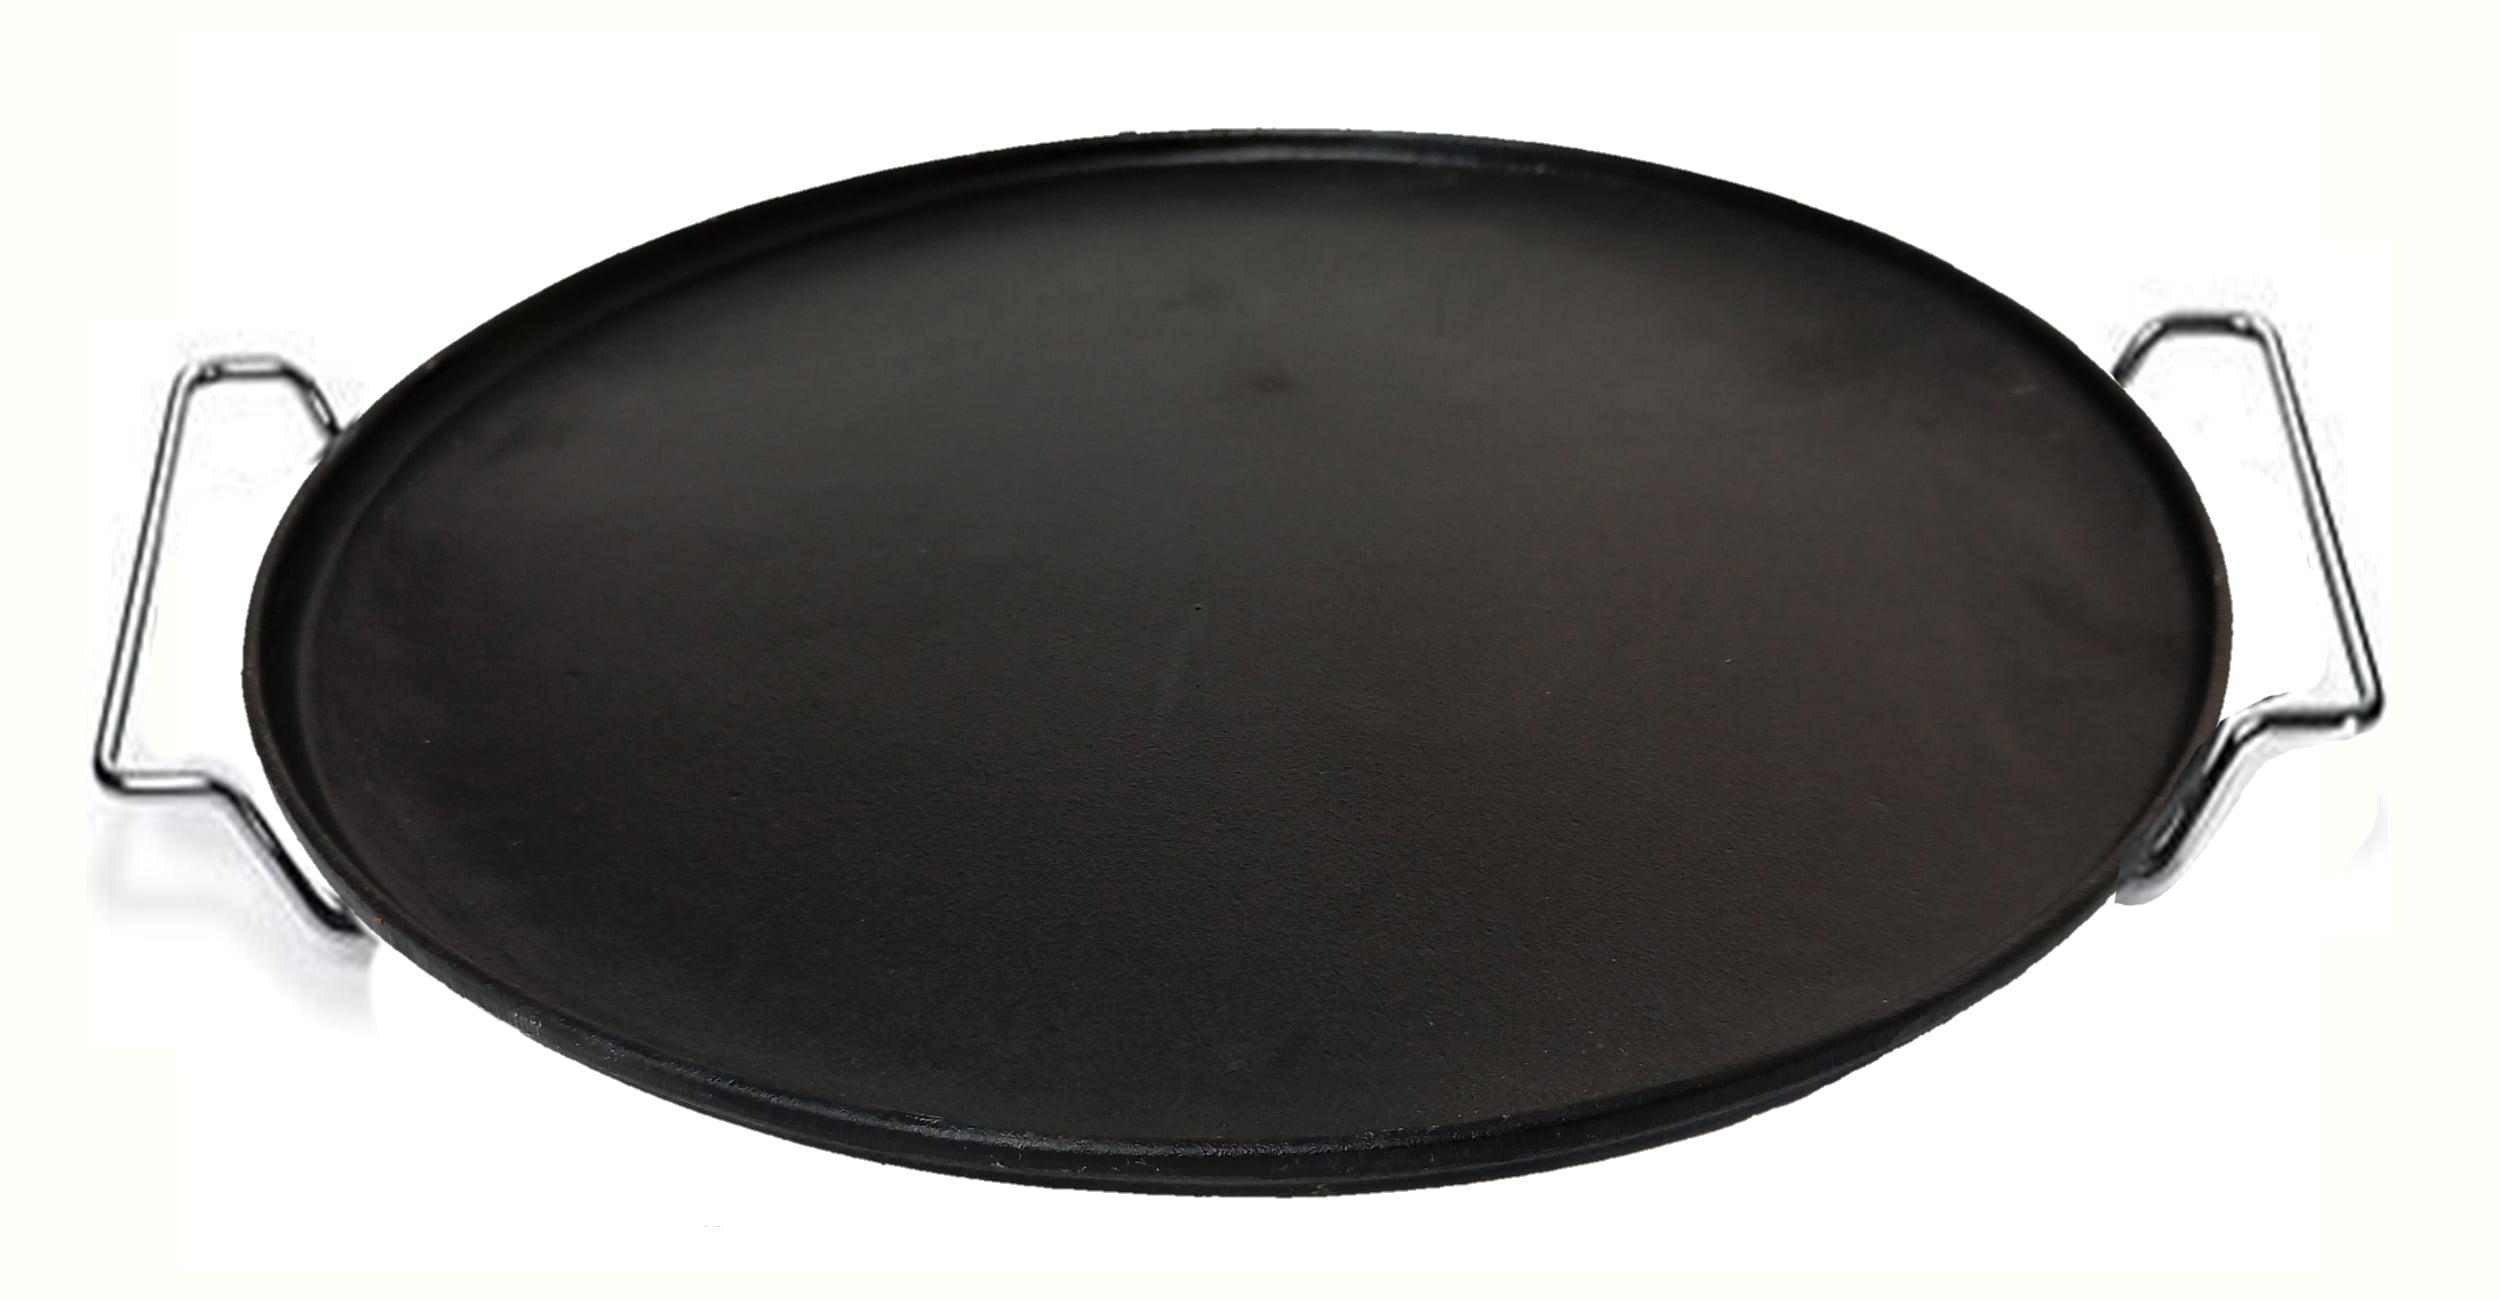 forma de pizza de ferro fundido 40 cm, forma de pizza de pedra com suporte